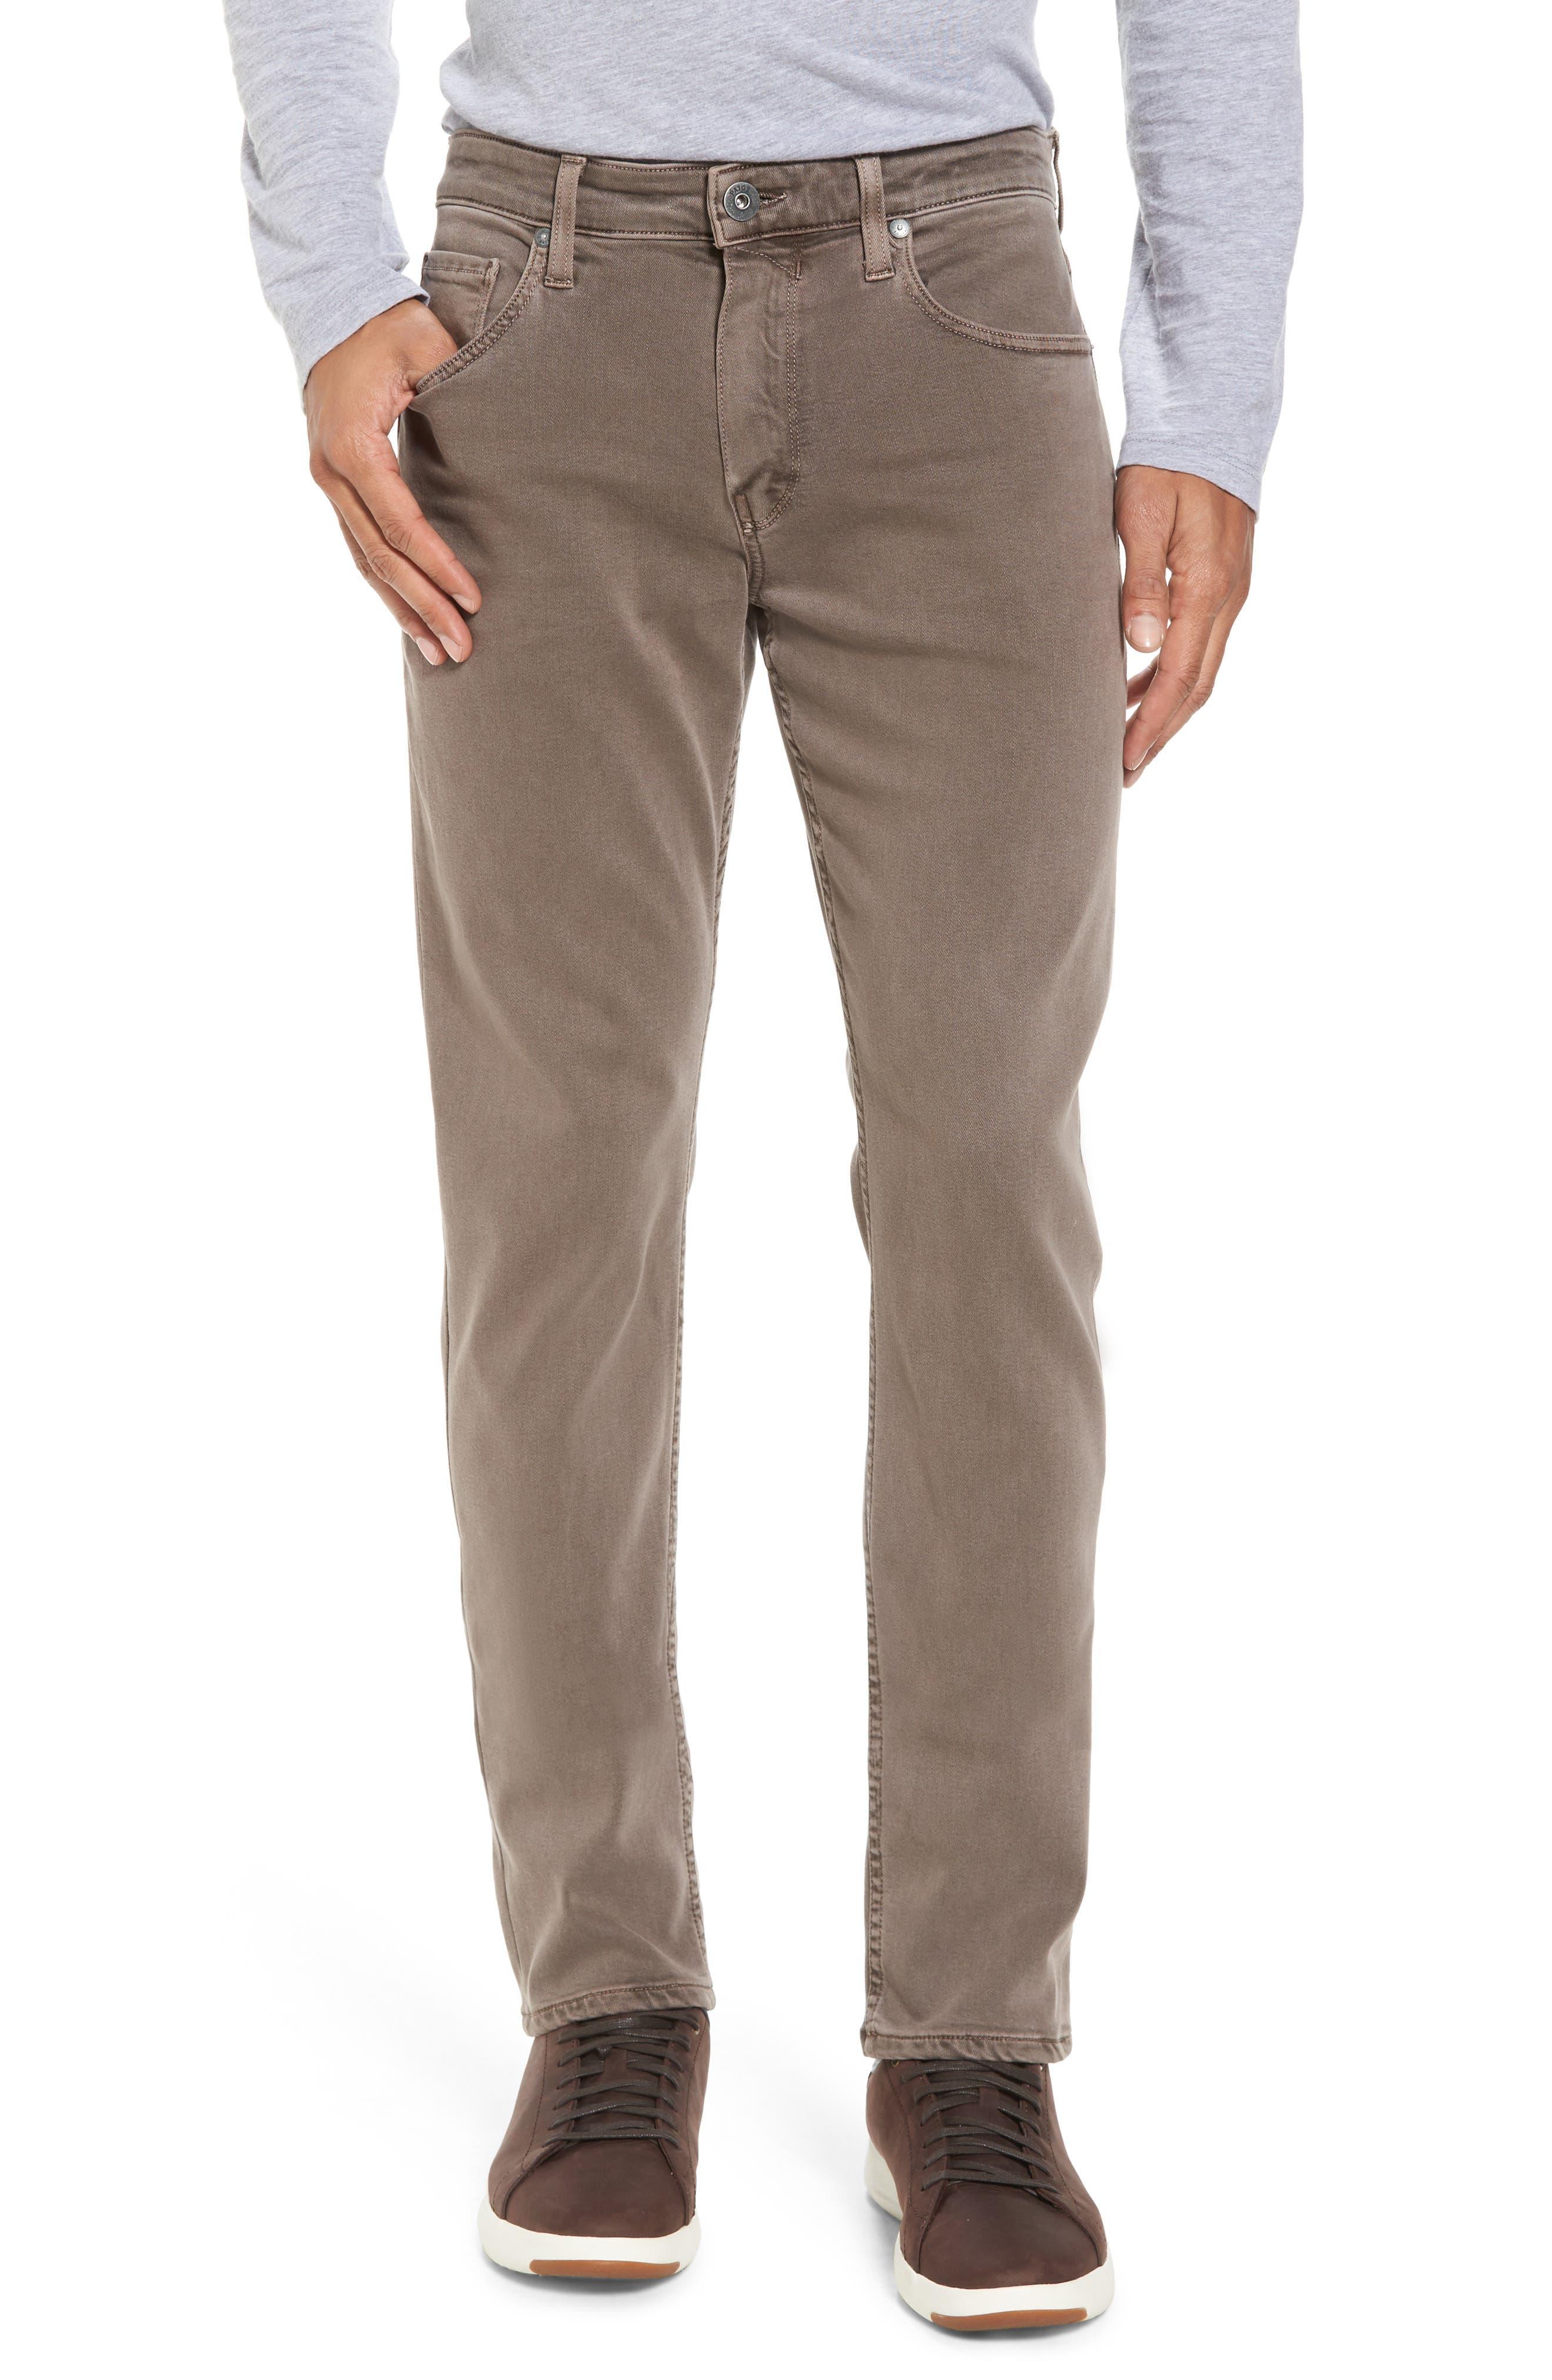 Transcend - Federal Slim Straight Fit Jeans,                         Main,                         color, Vintage Sandbar